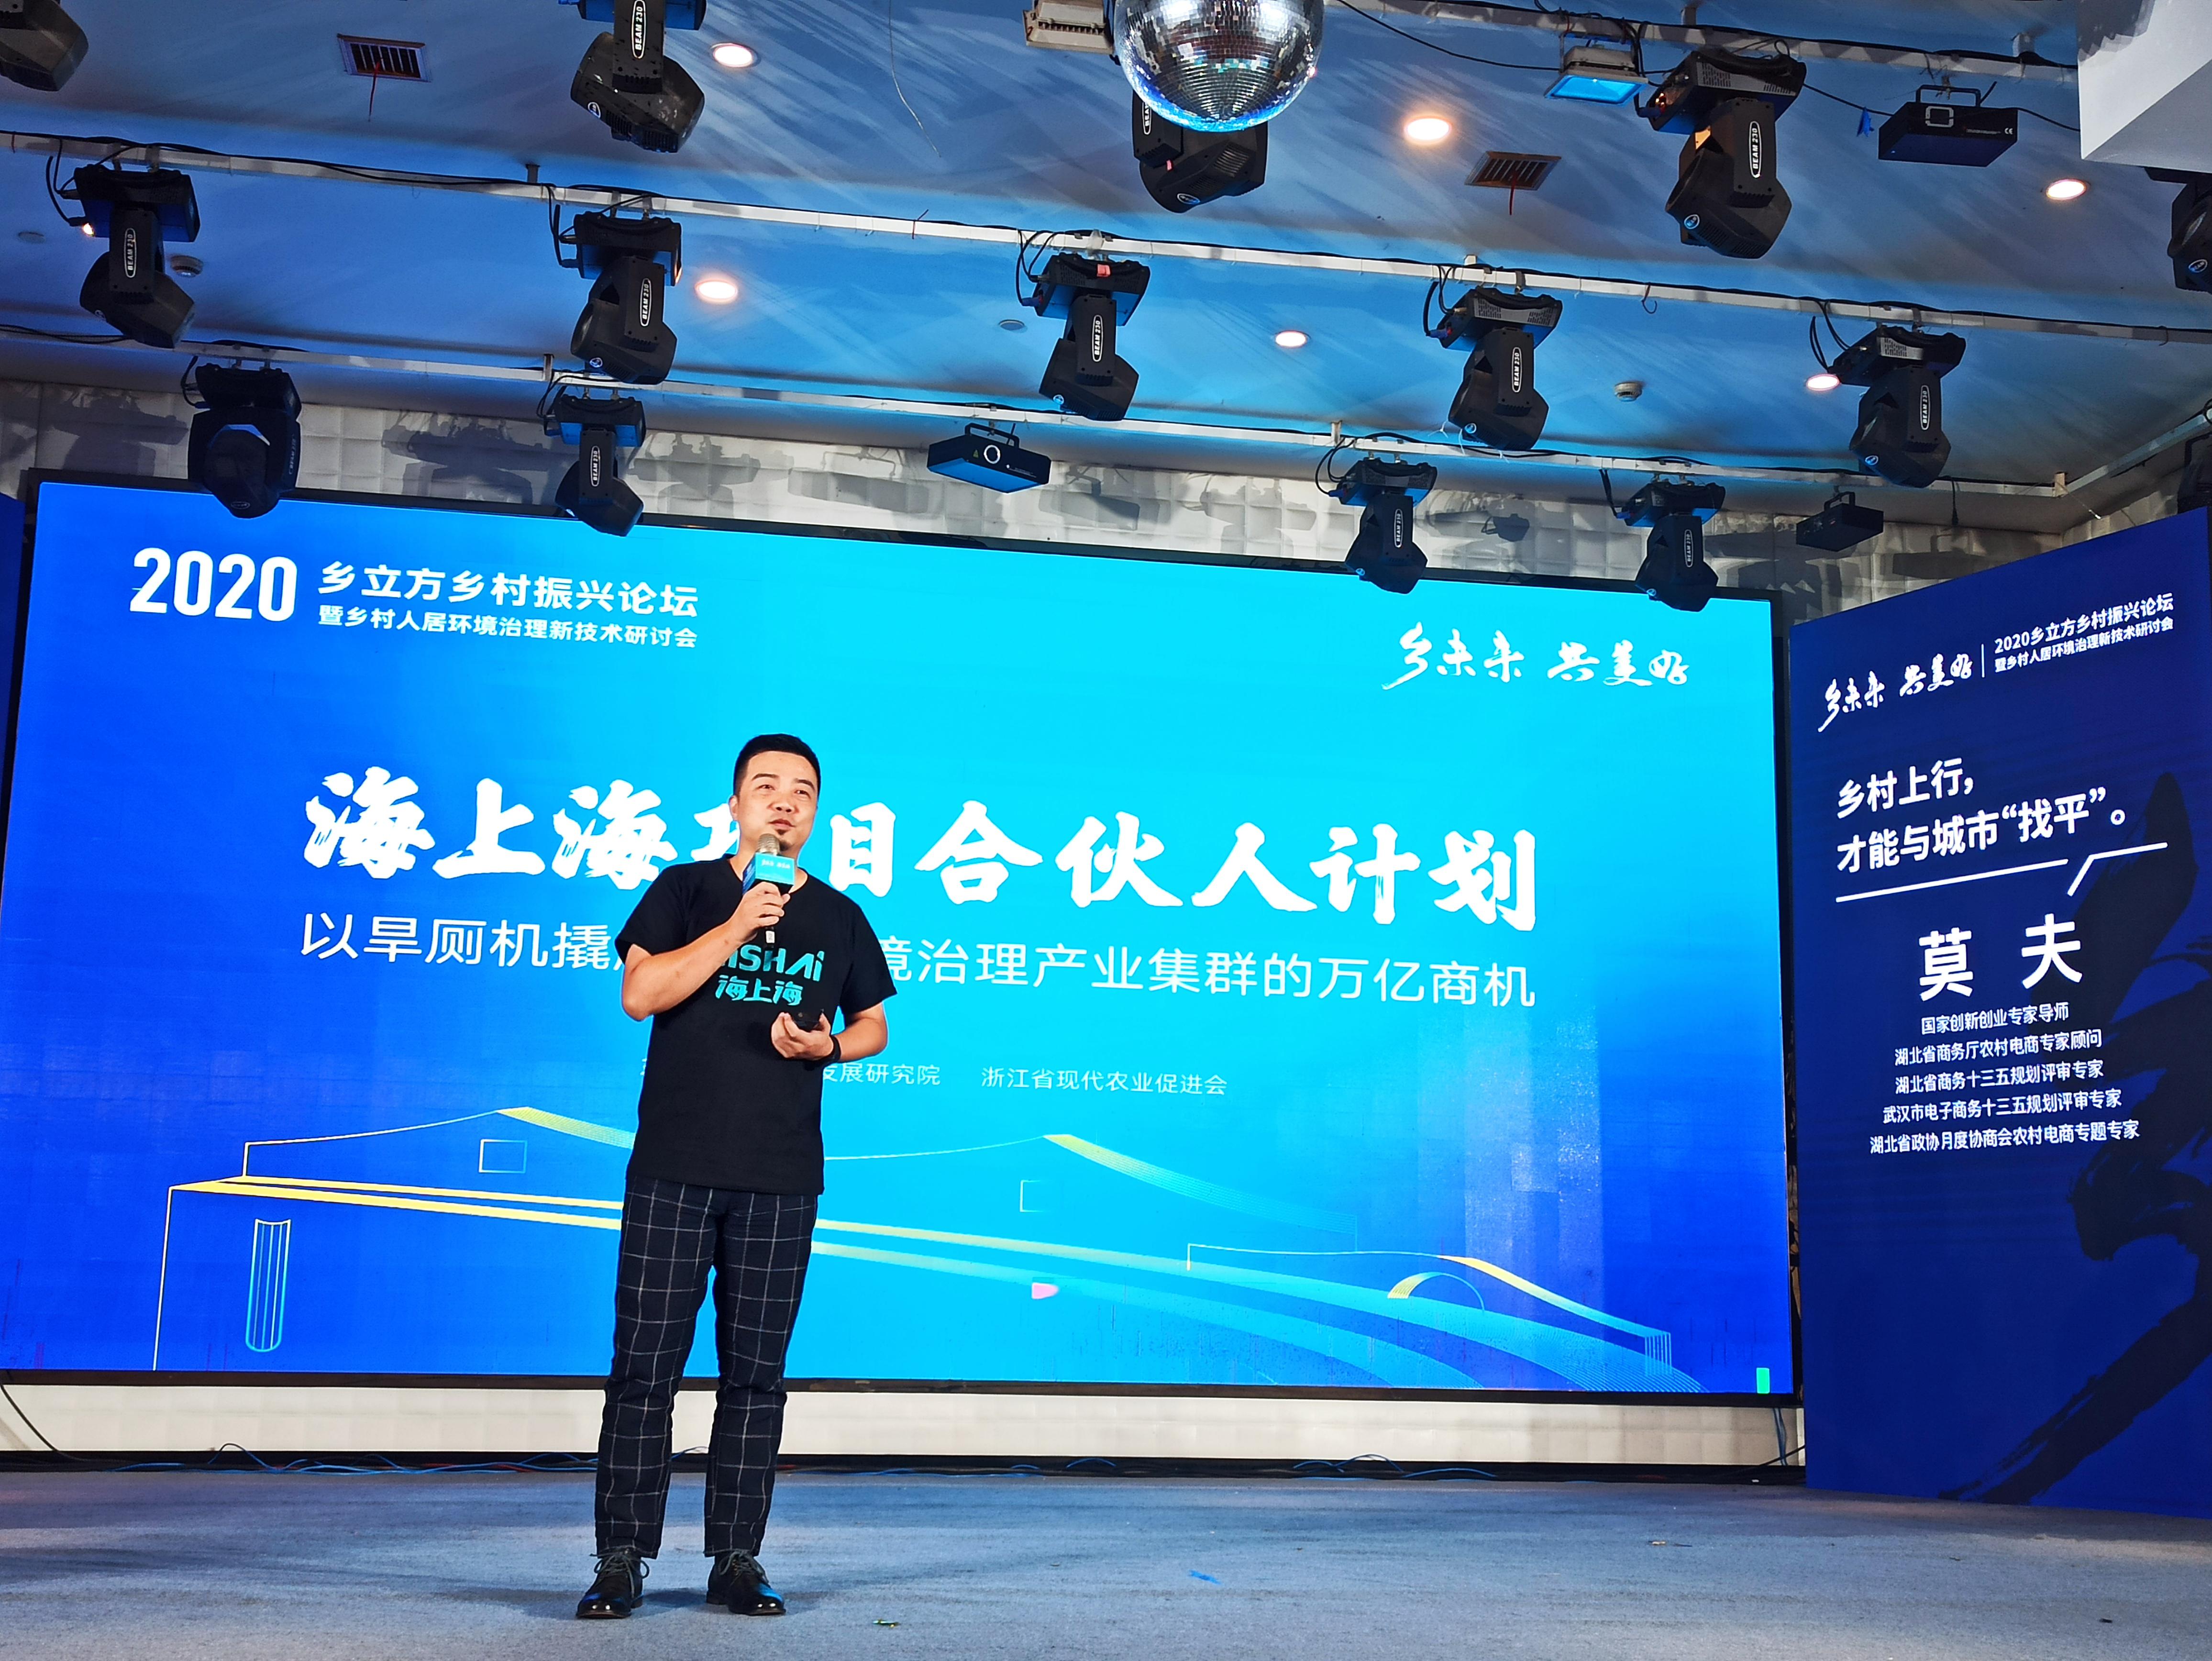 莫夫发布海上海合伙人计划.jpg